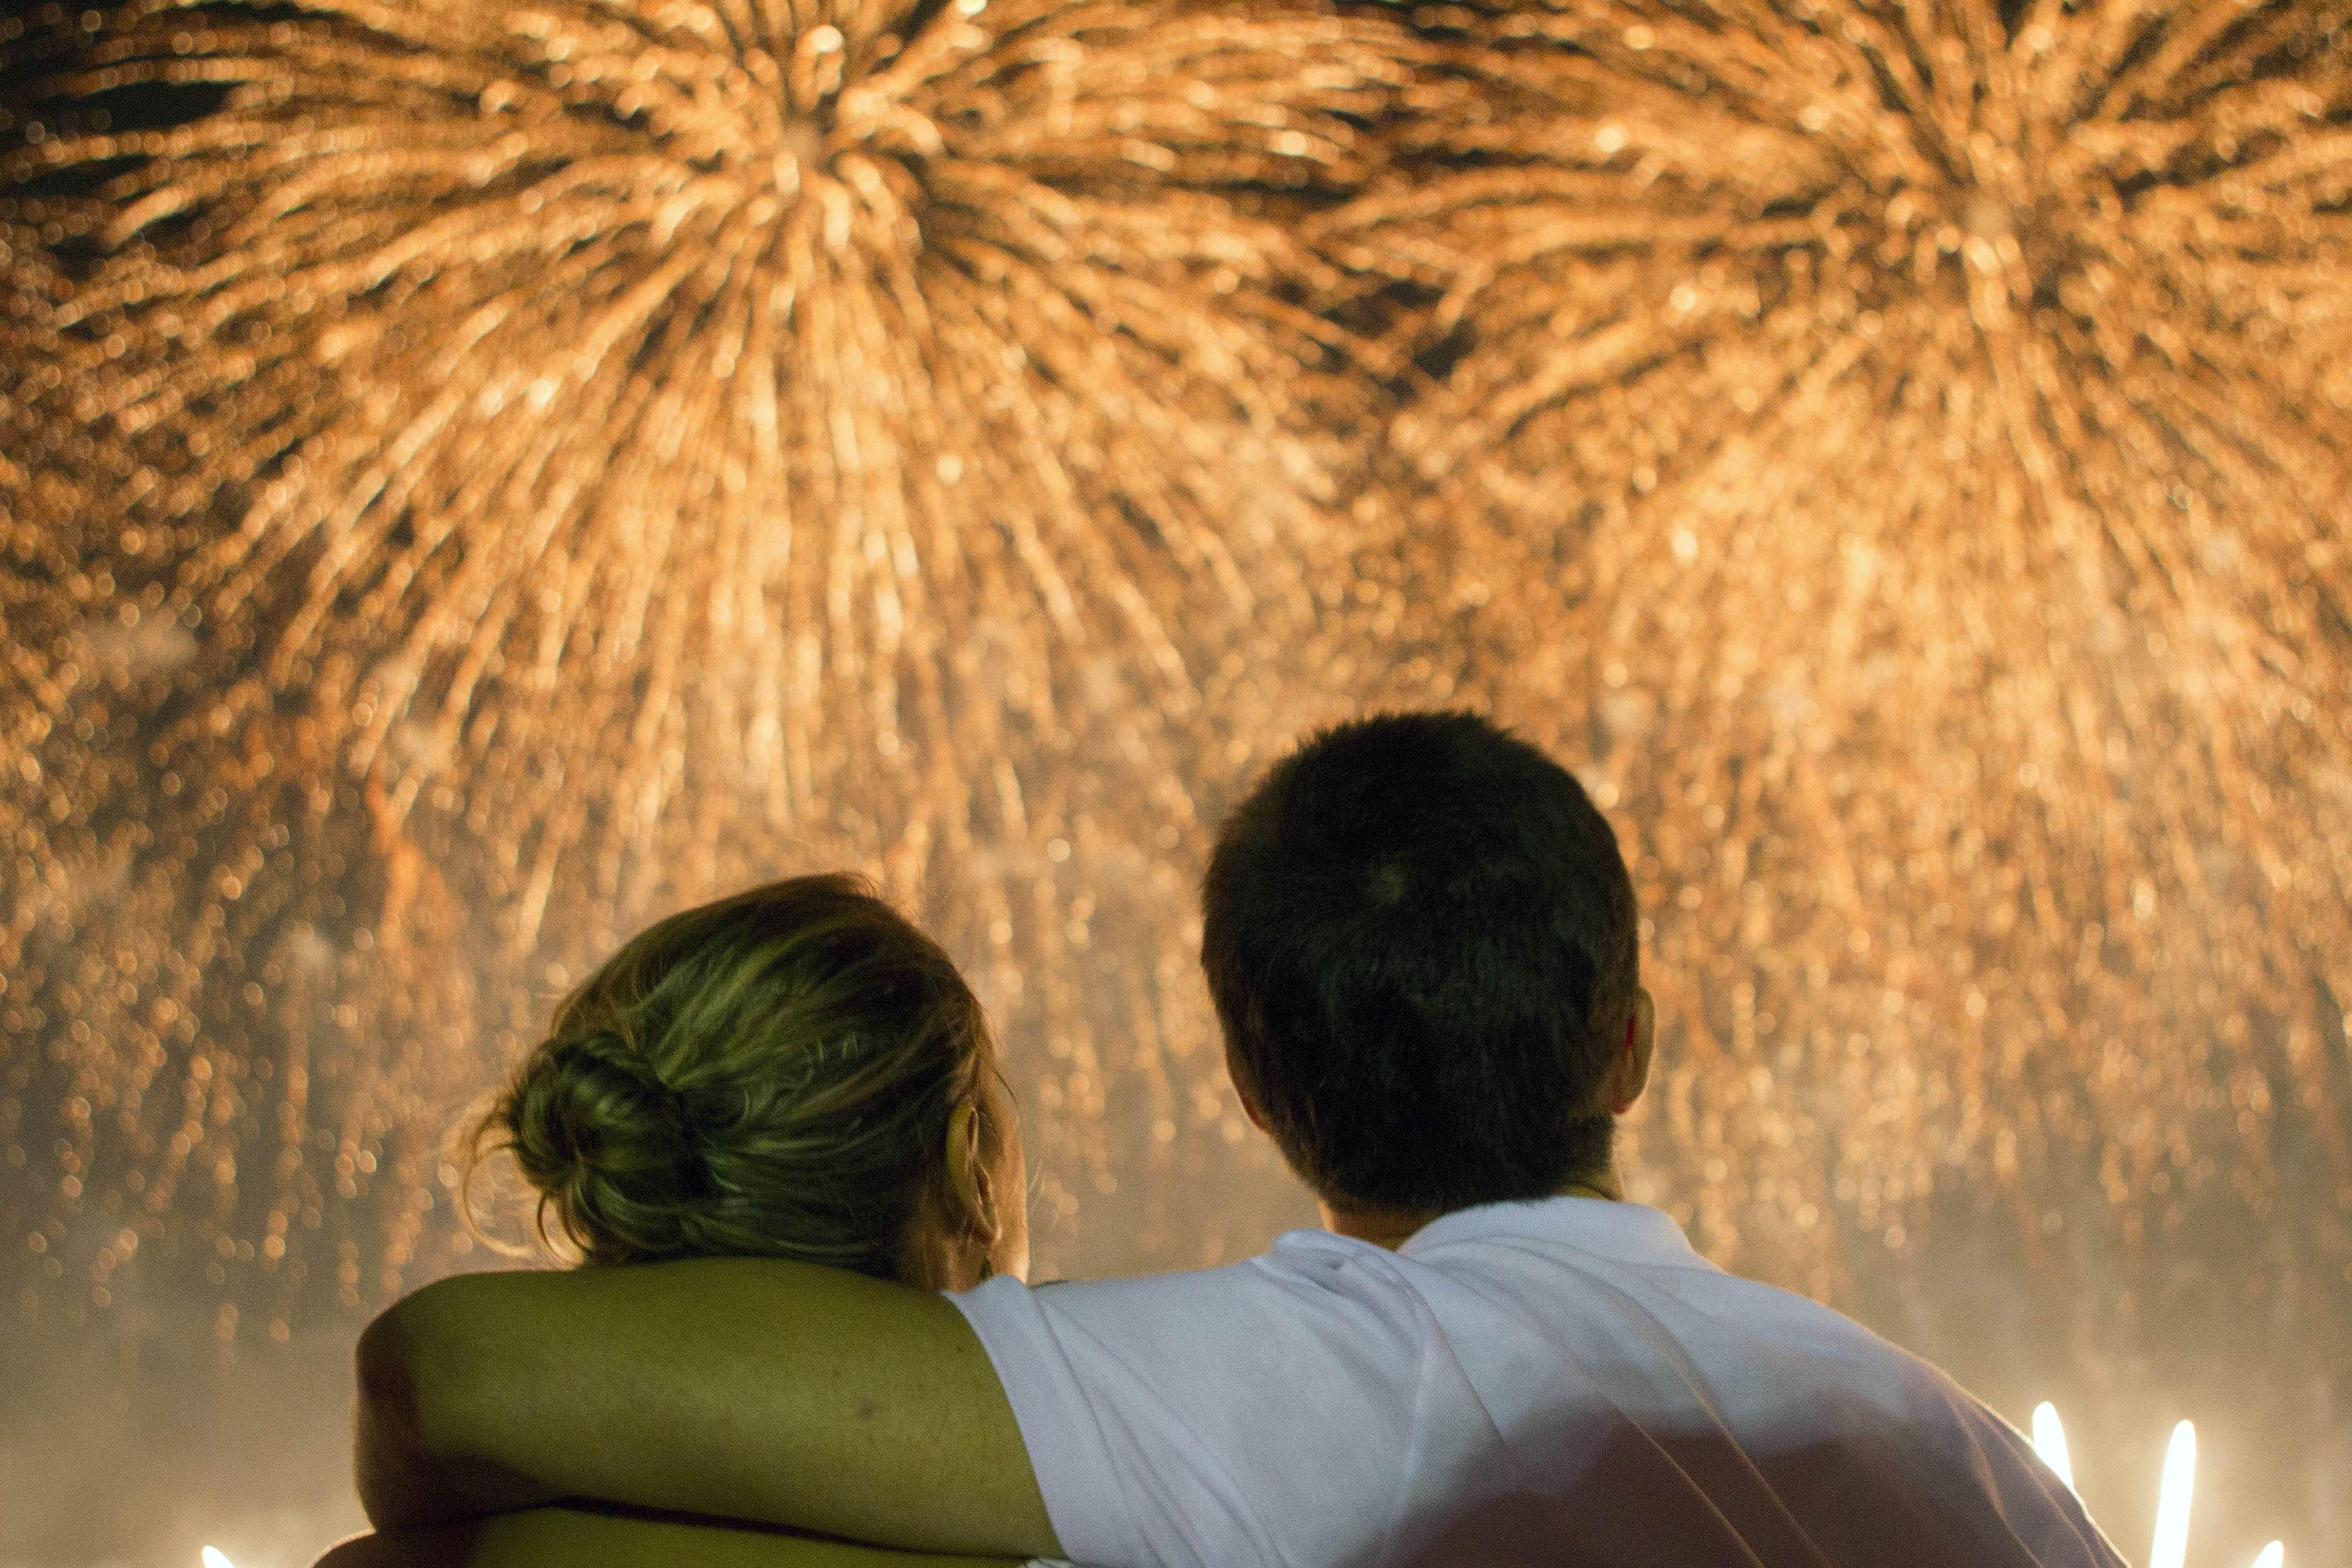 Buoni propositi per il 2015? Gli italiani cercano la stabilità sentimentale